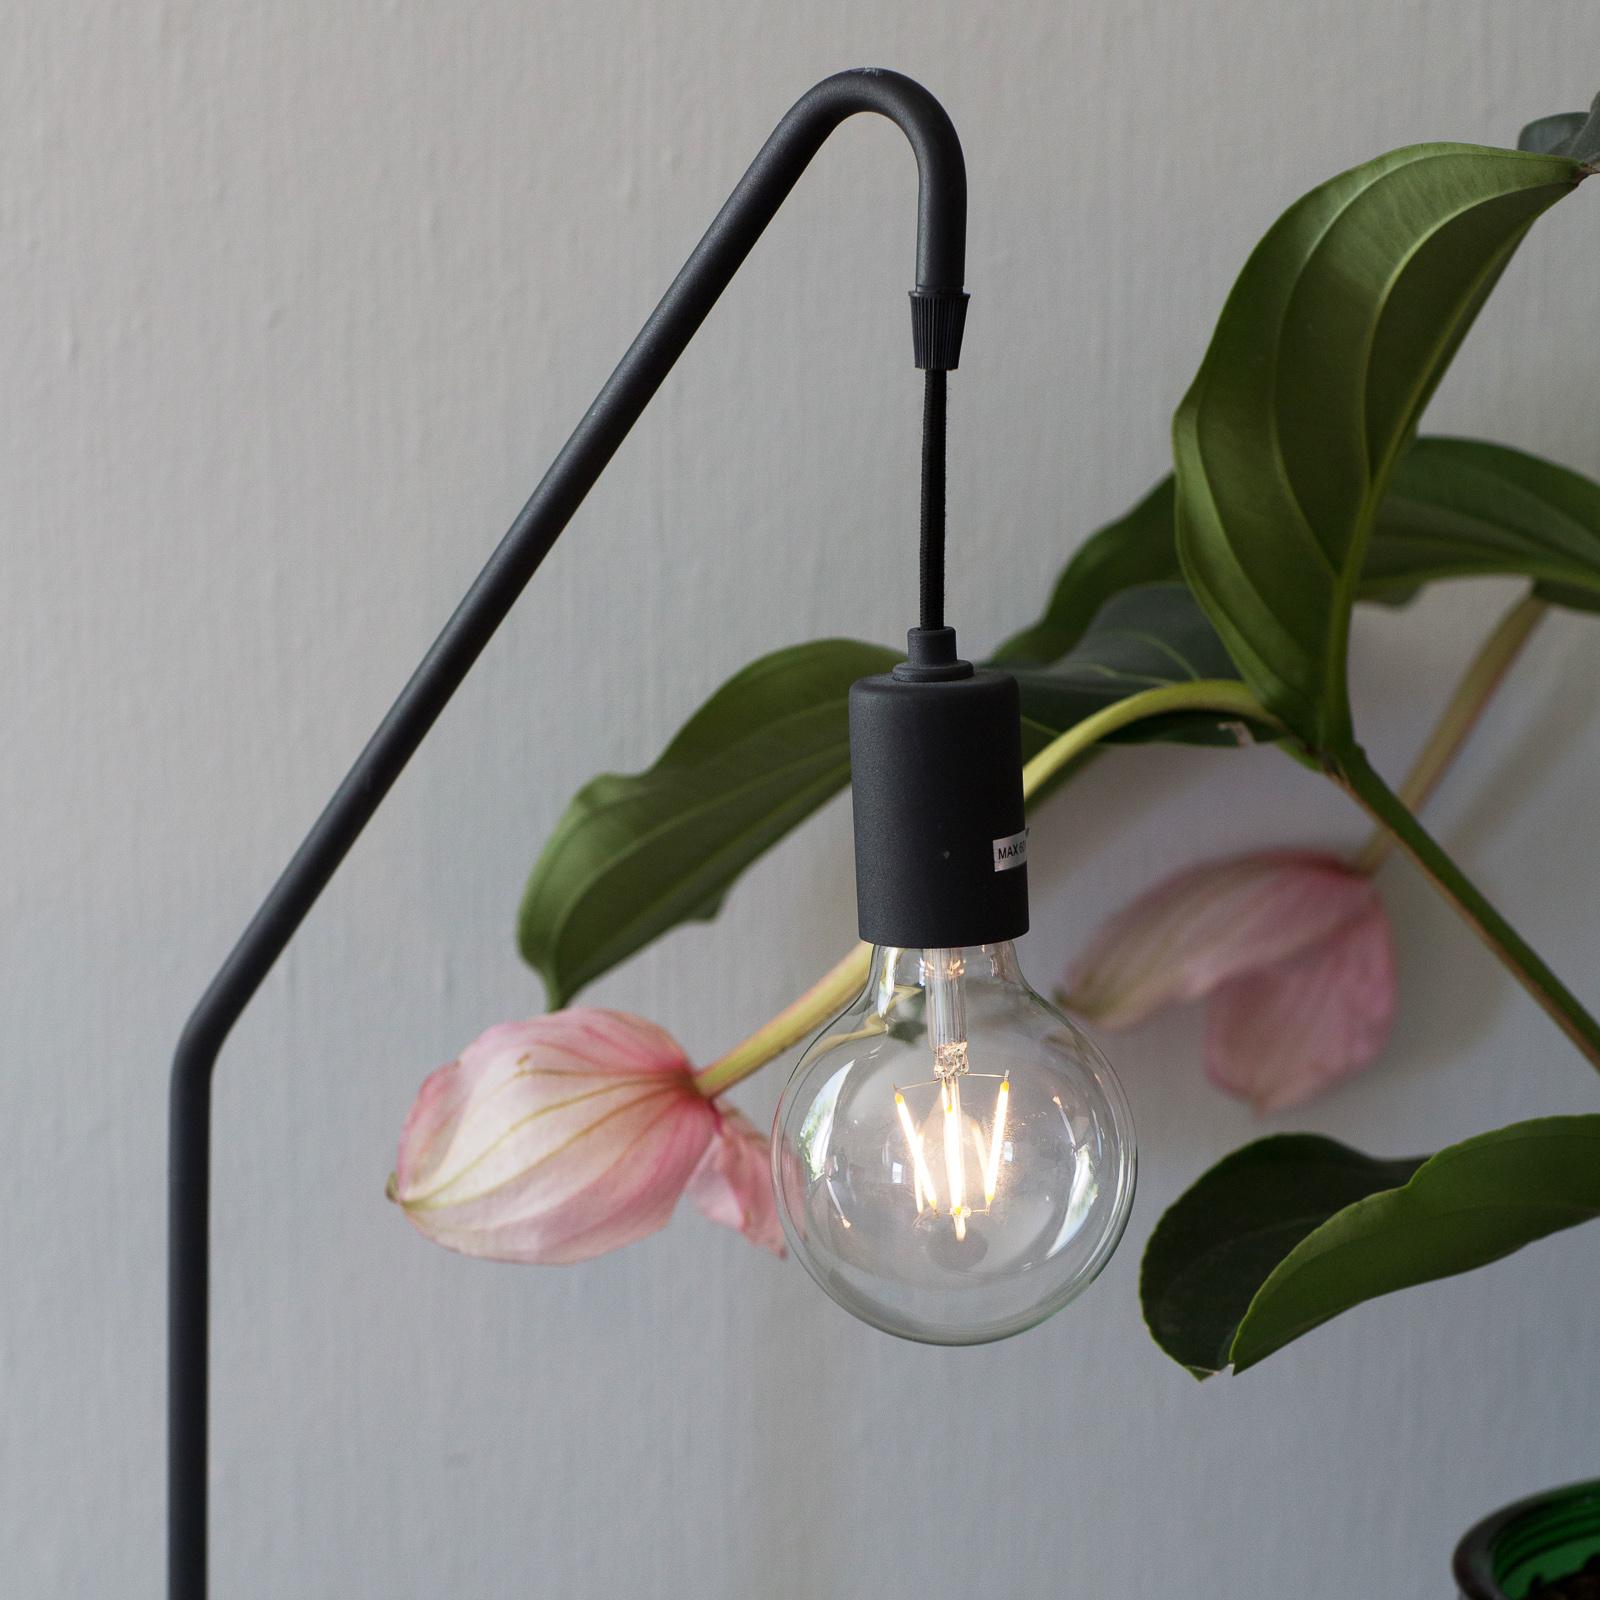 By Rydéns Rod lampe à poser, noire, hauteur 60 cm